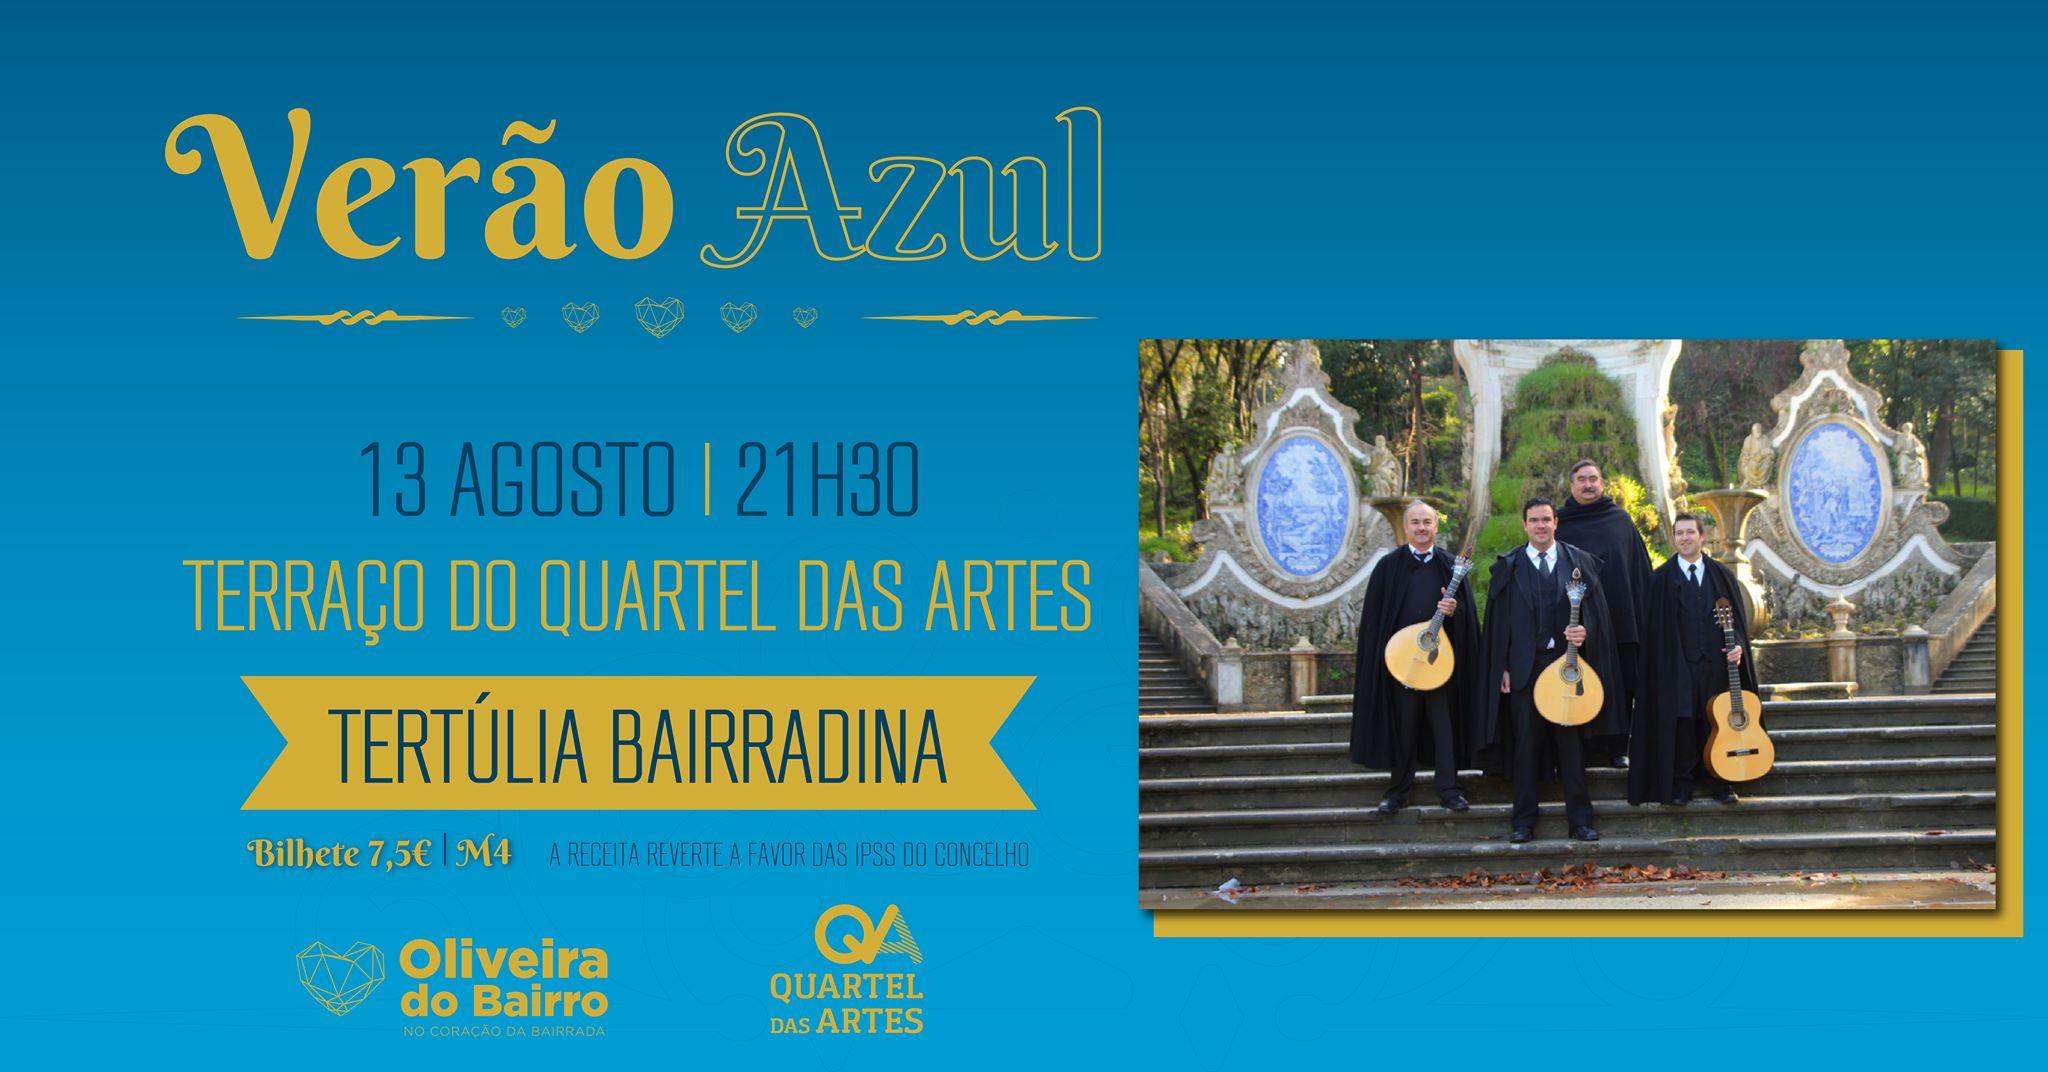 Noites no QA - Às sextas, música no terraço  Tertúlia Bairradina